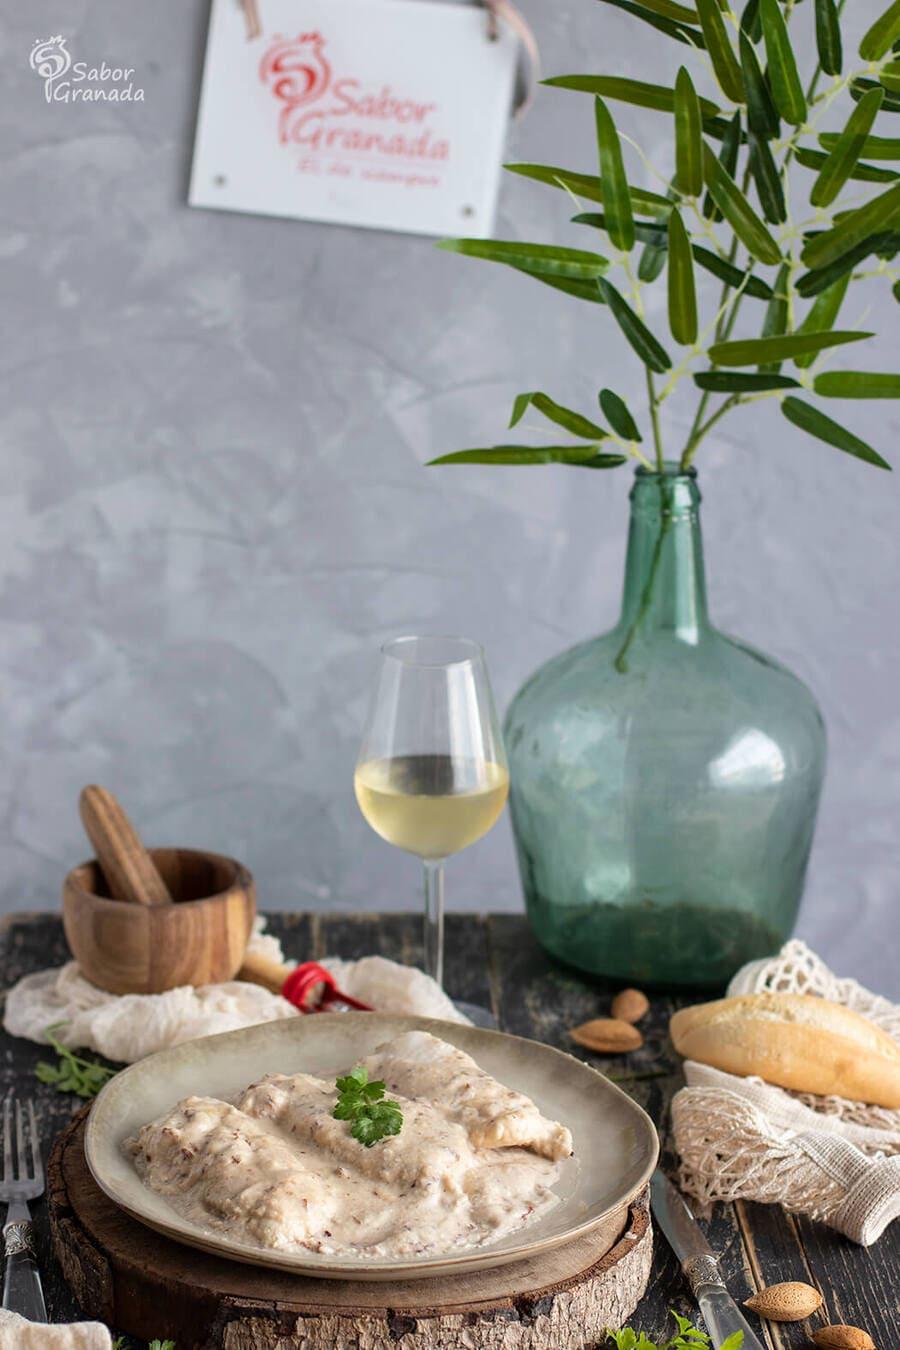 Receta de merluza con salsa de almendras acompañada con vino blanco - Sabor Granada